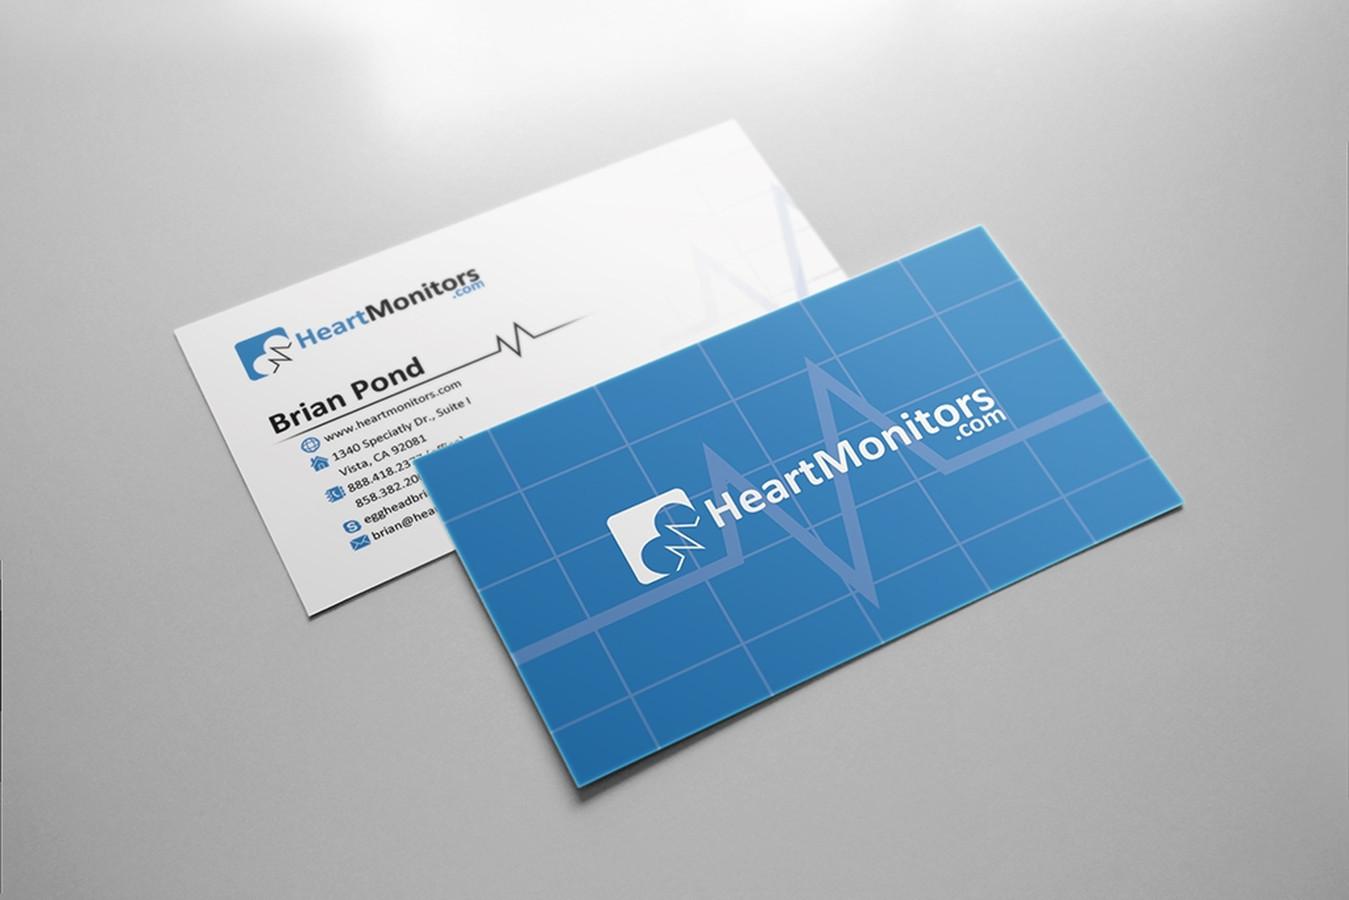 Heartmonitors.com vizitinių kortelių maketas.